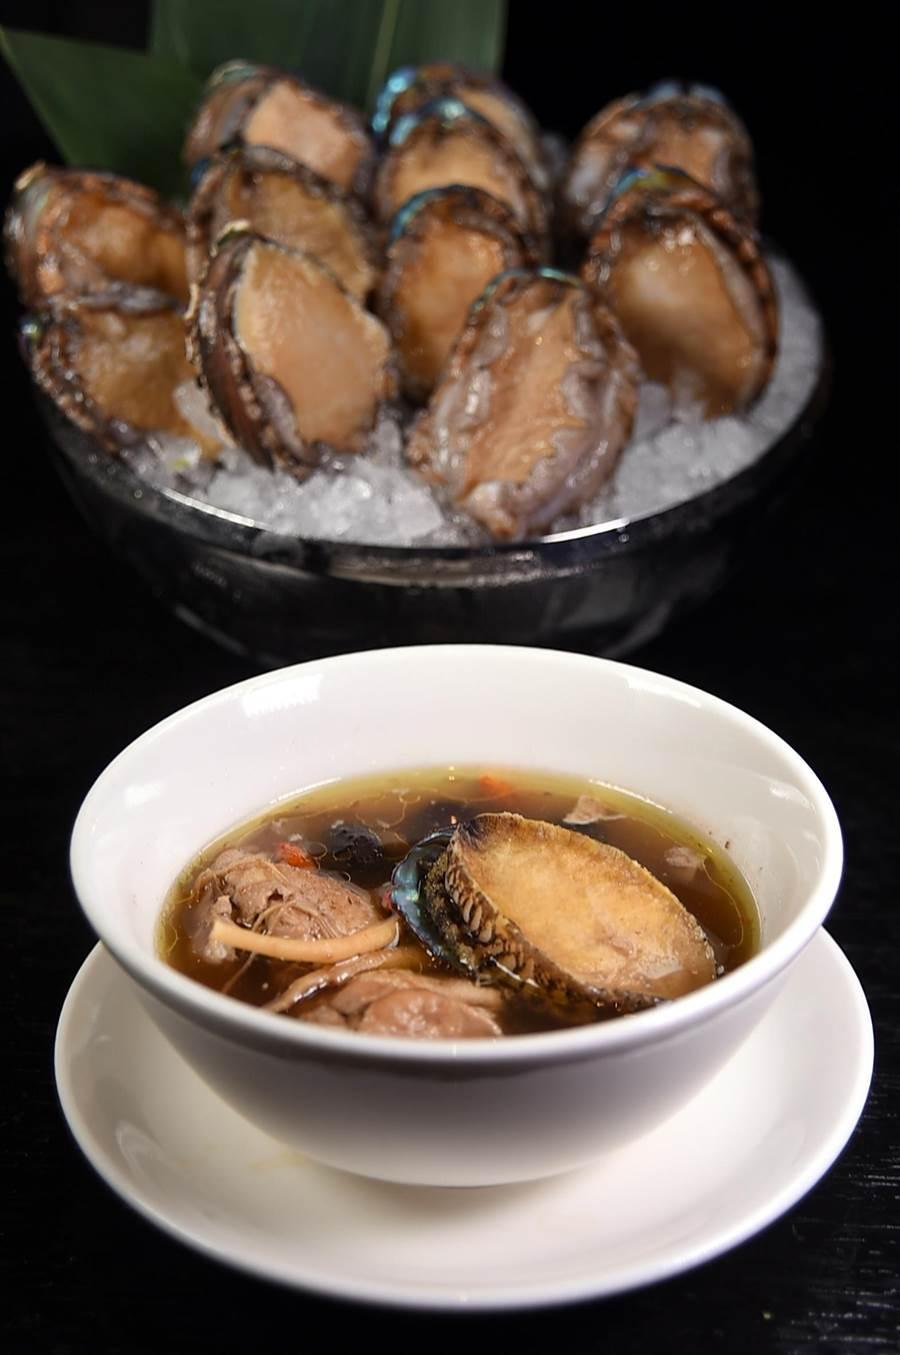 〈九孔鮑人蔘雞湯〉內盛裝著一斤20頭的台灣九孔鮑,一般Buffet餐廳不易見到這道菜。(圖/姚舜攝)